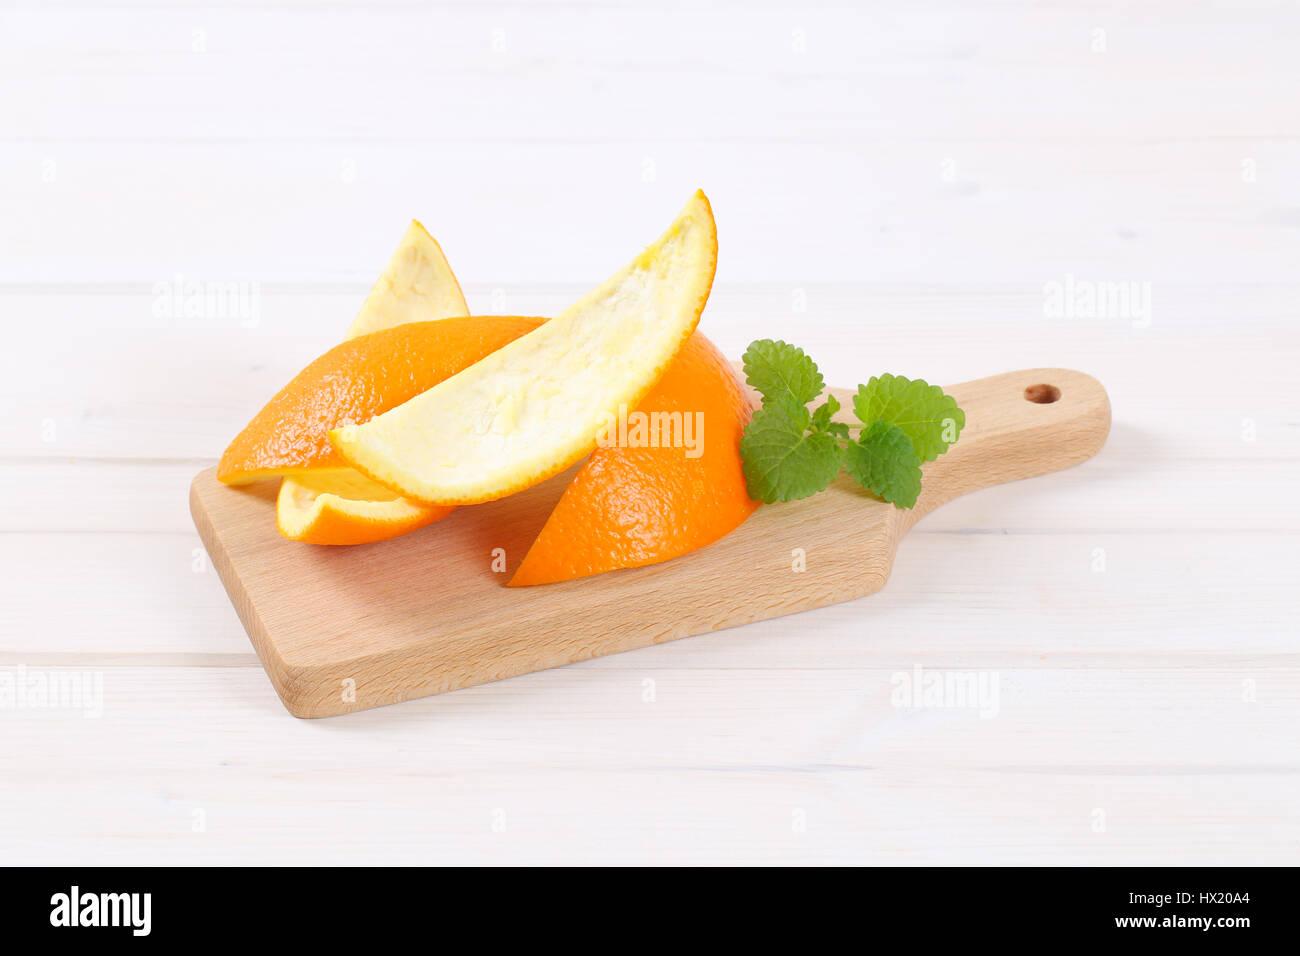 Haufen von Orangenschalen auf Holzbrett Stockbild